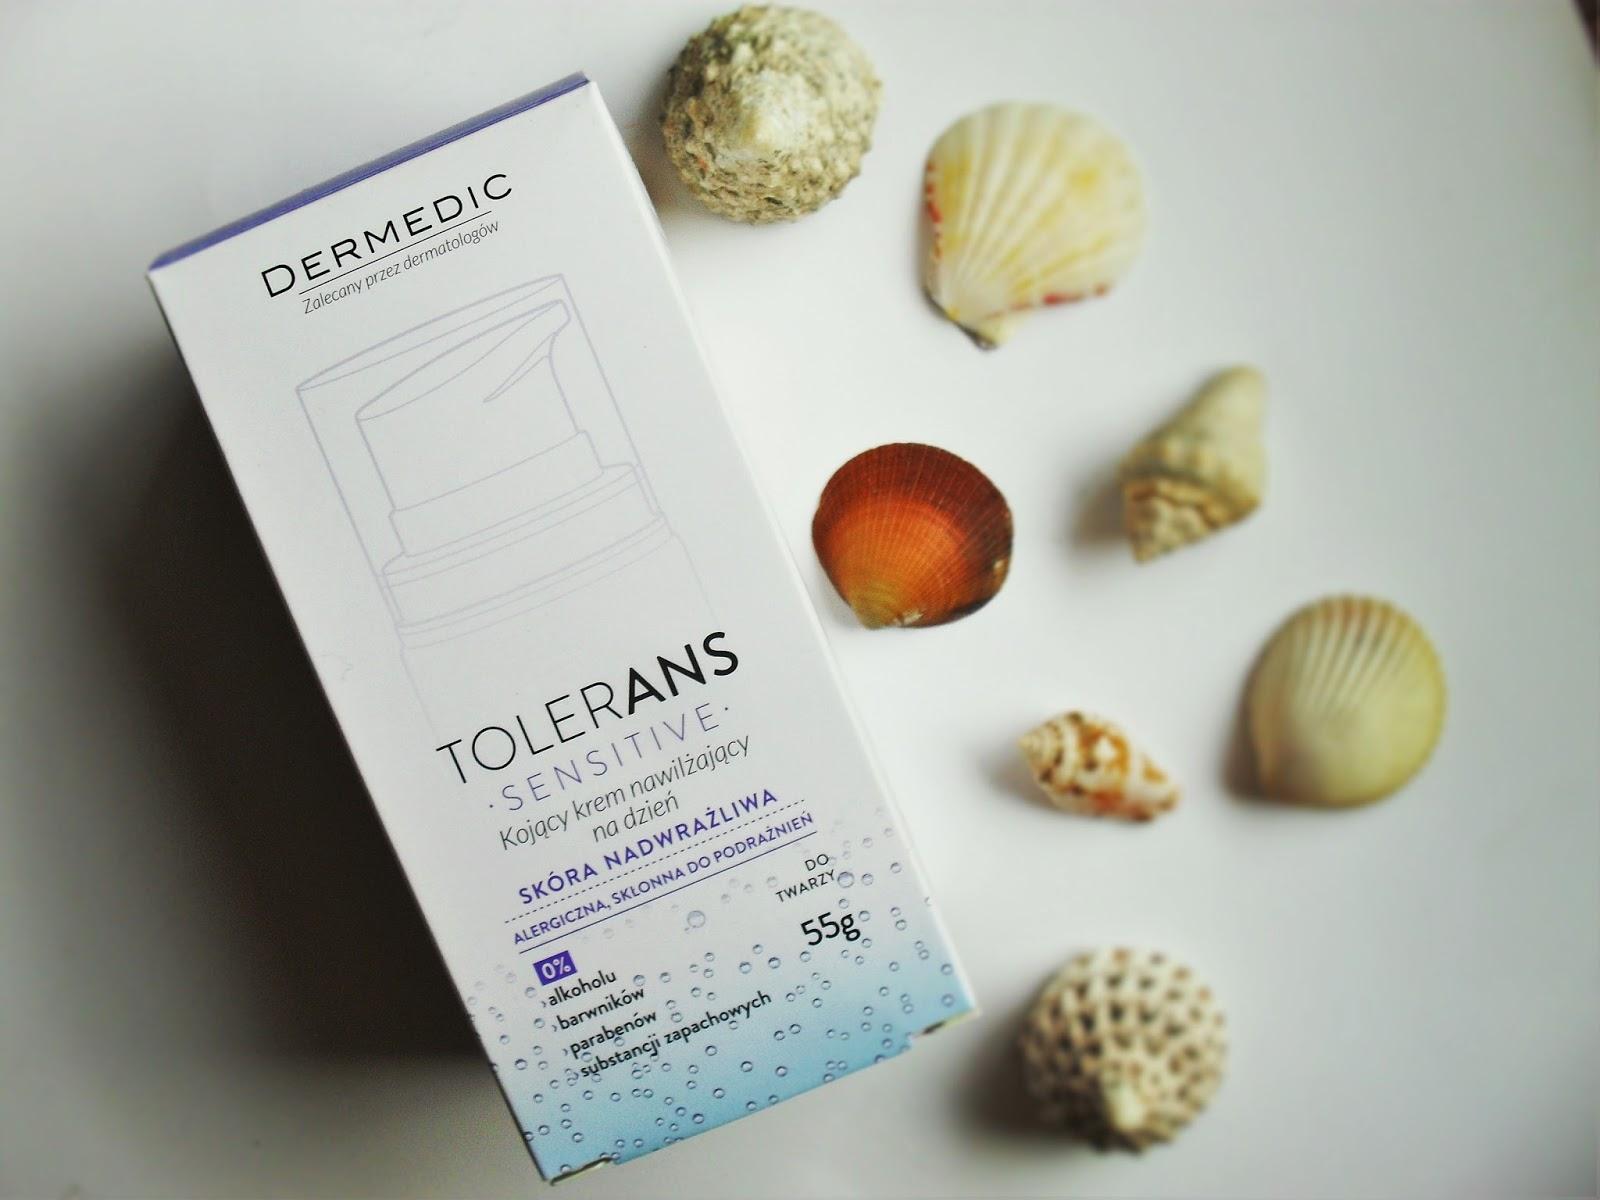 Hidratação da pele com Dermedic Tolerans